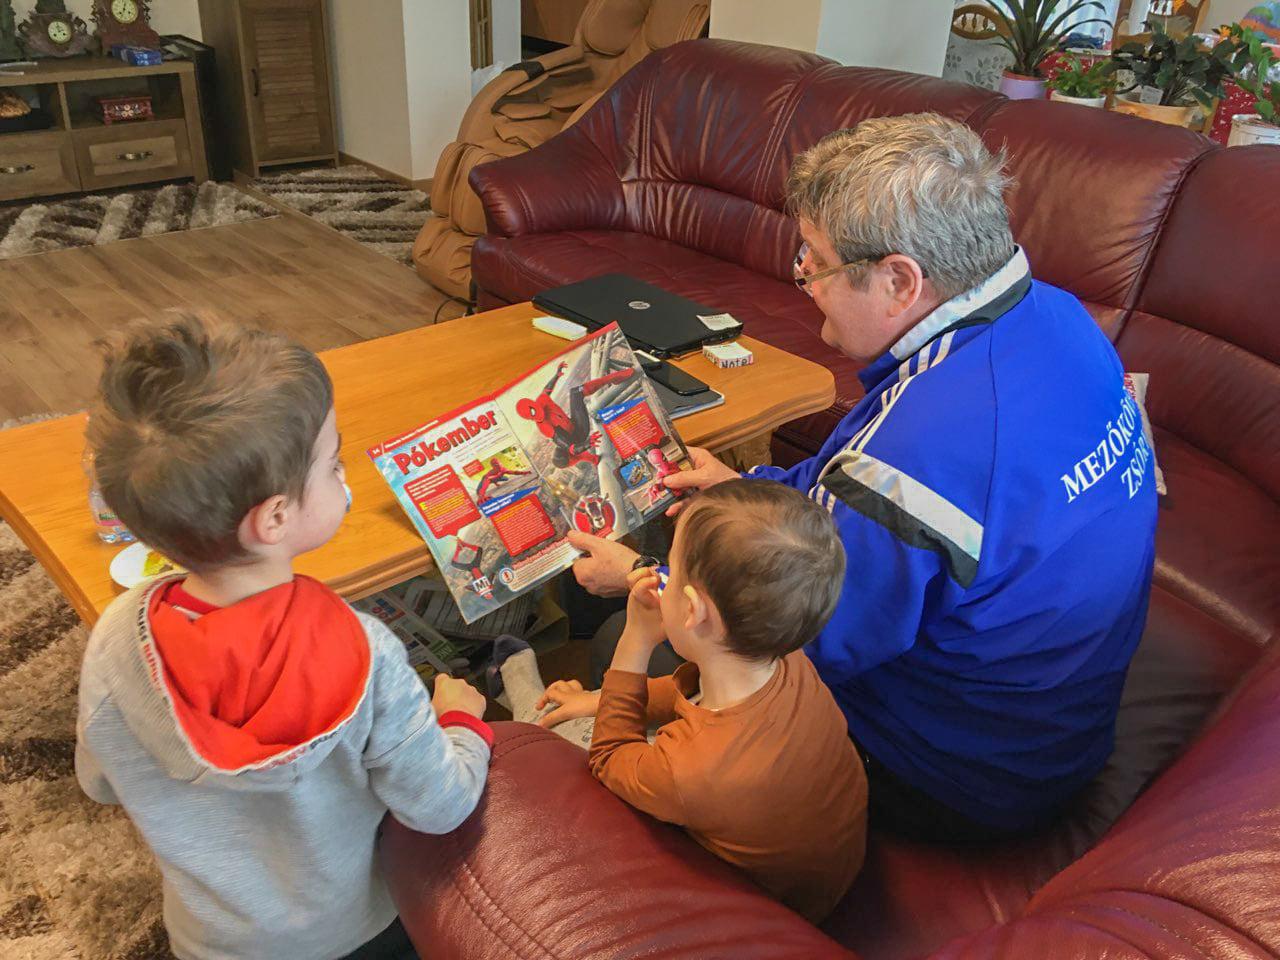 Tállai András az unokáival fotózkodik, miközben arról ír, hogy fontos, hogy csak szűk körben ünnepeljen a család